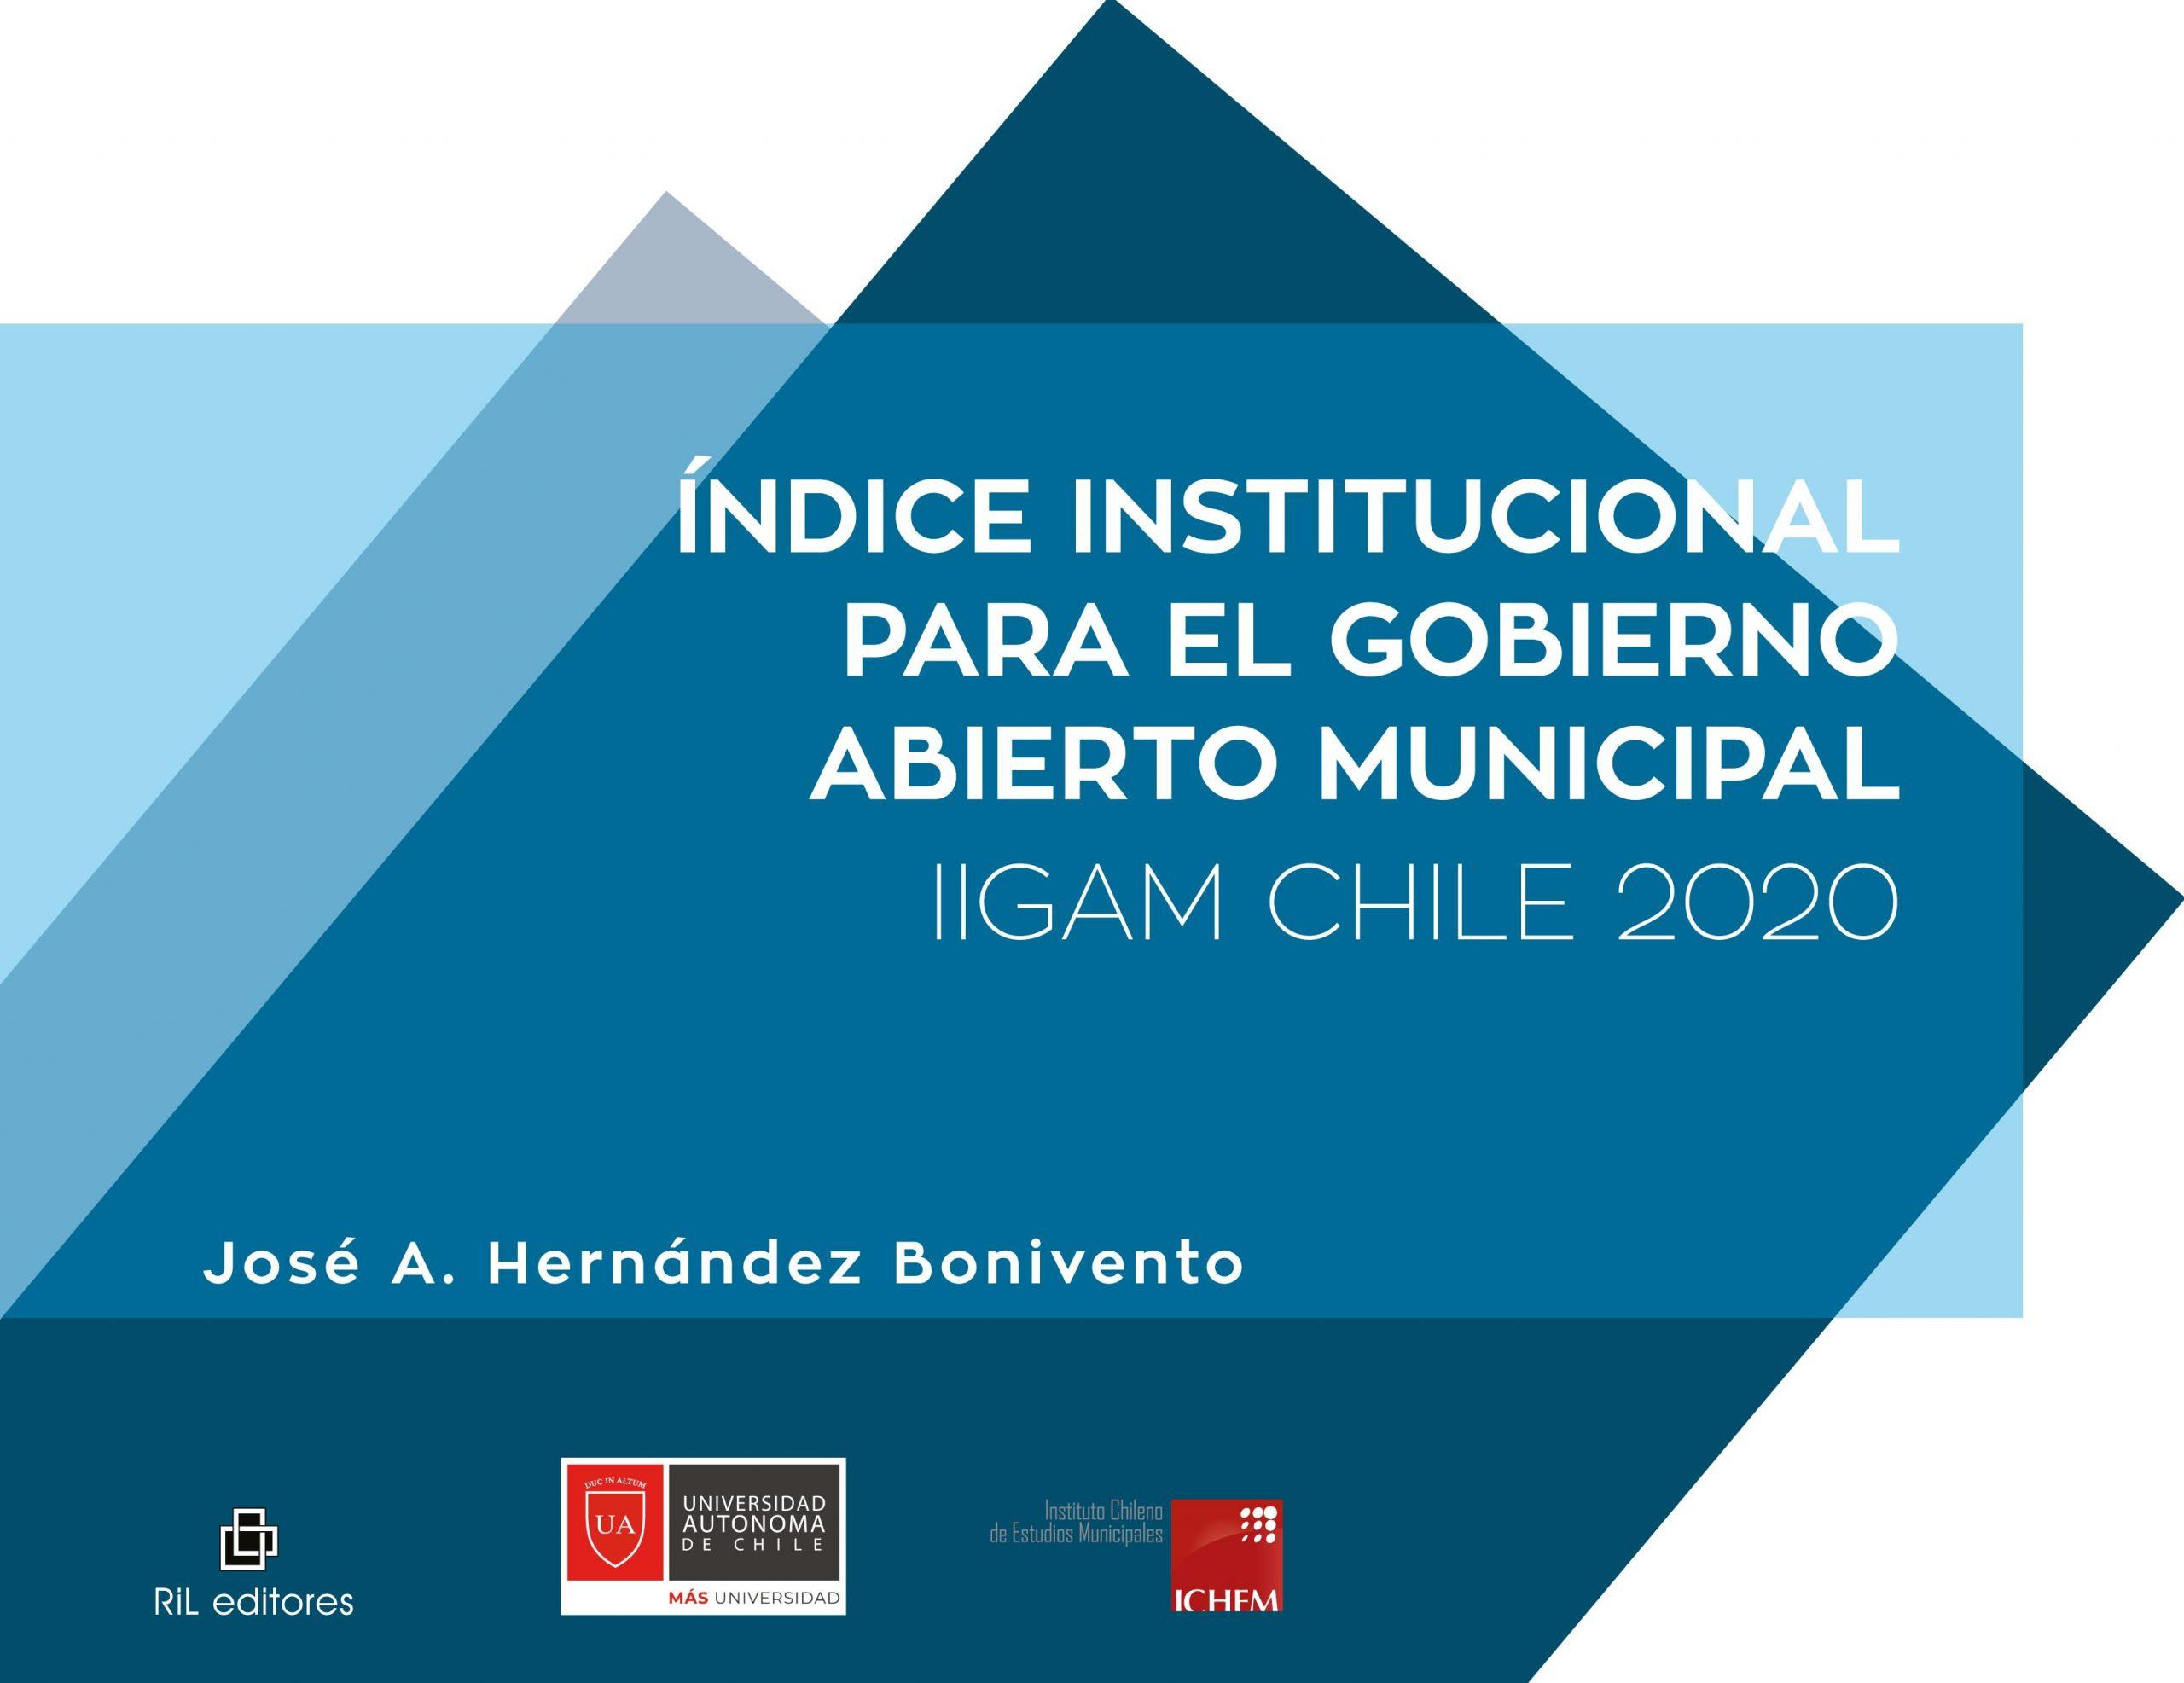 Índice institucional para el gobierno abierto municipal. IIGAM Chile 2020 1